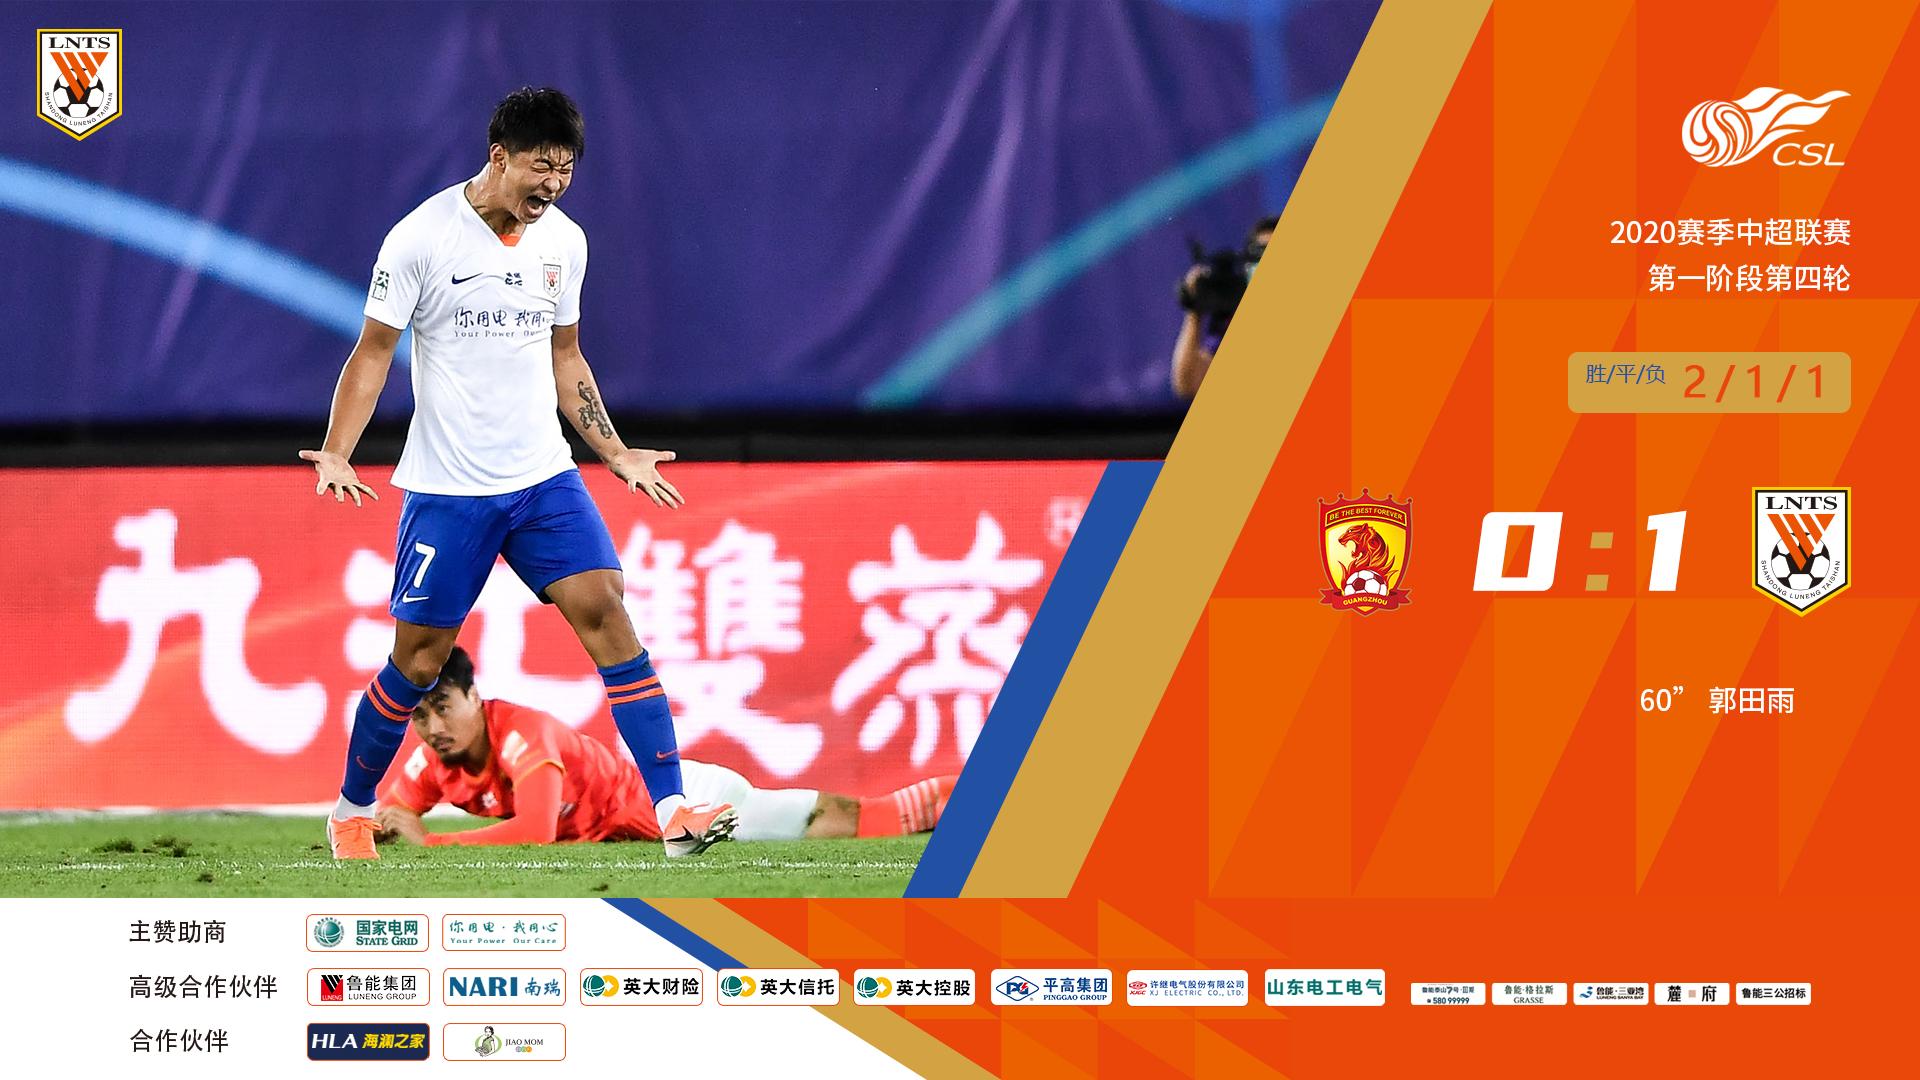 郭田雨中超首球制胜 山东鲁能1-0广州恒大